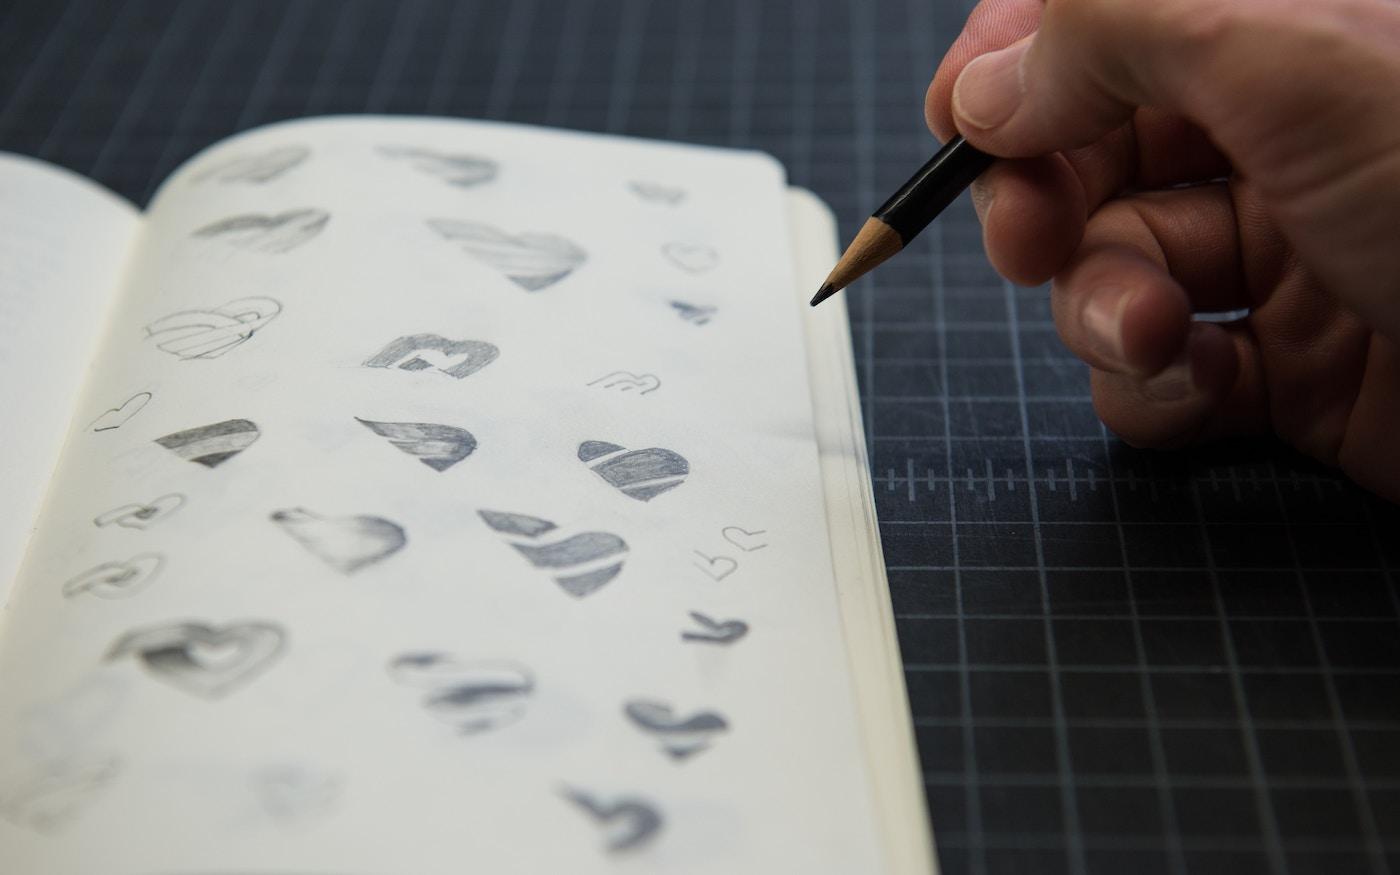 标识设计过程